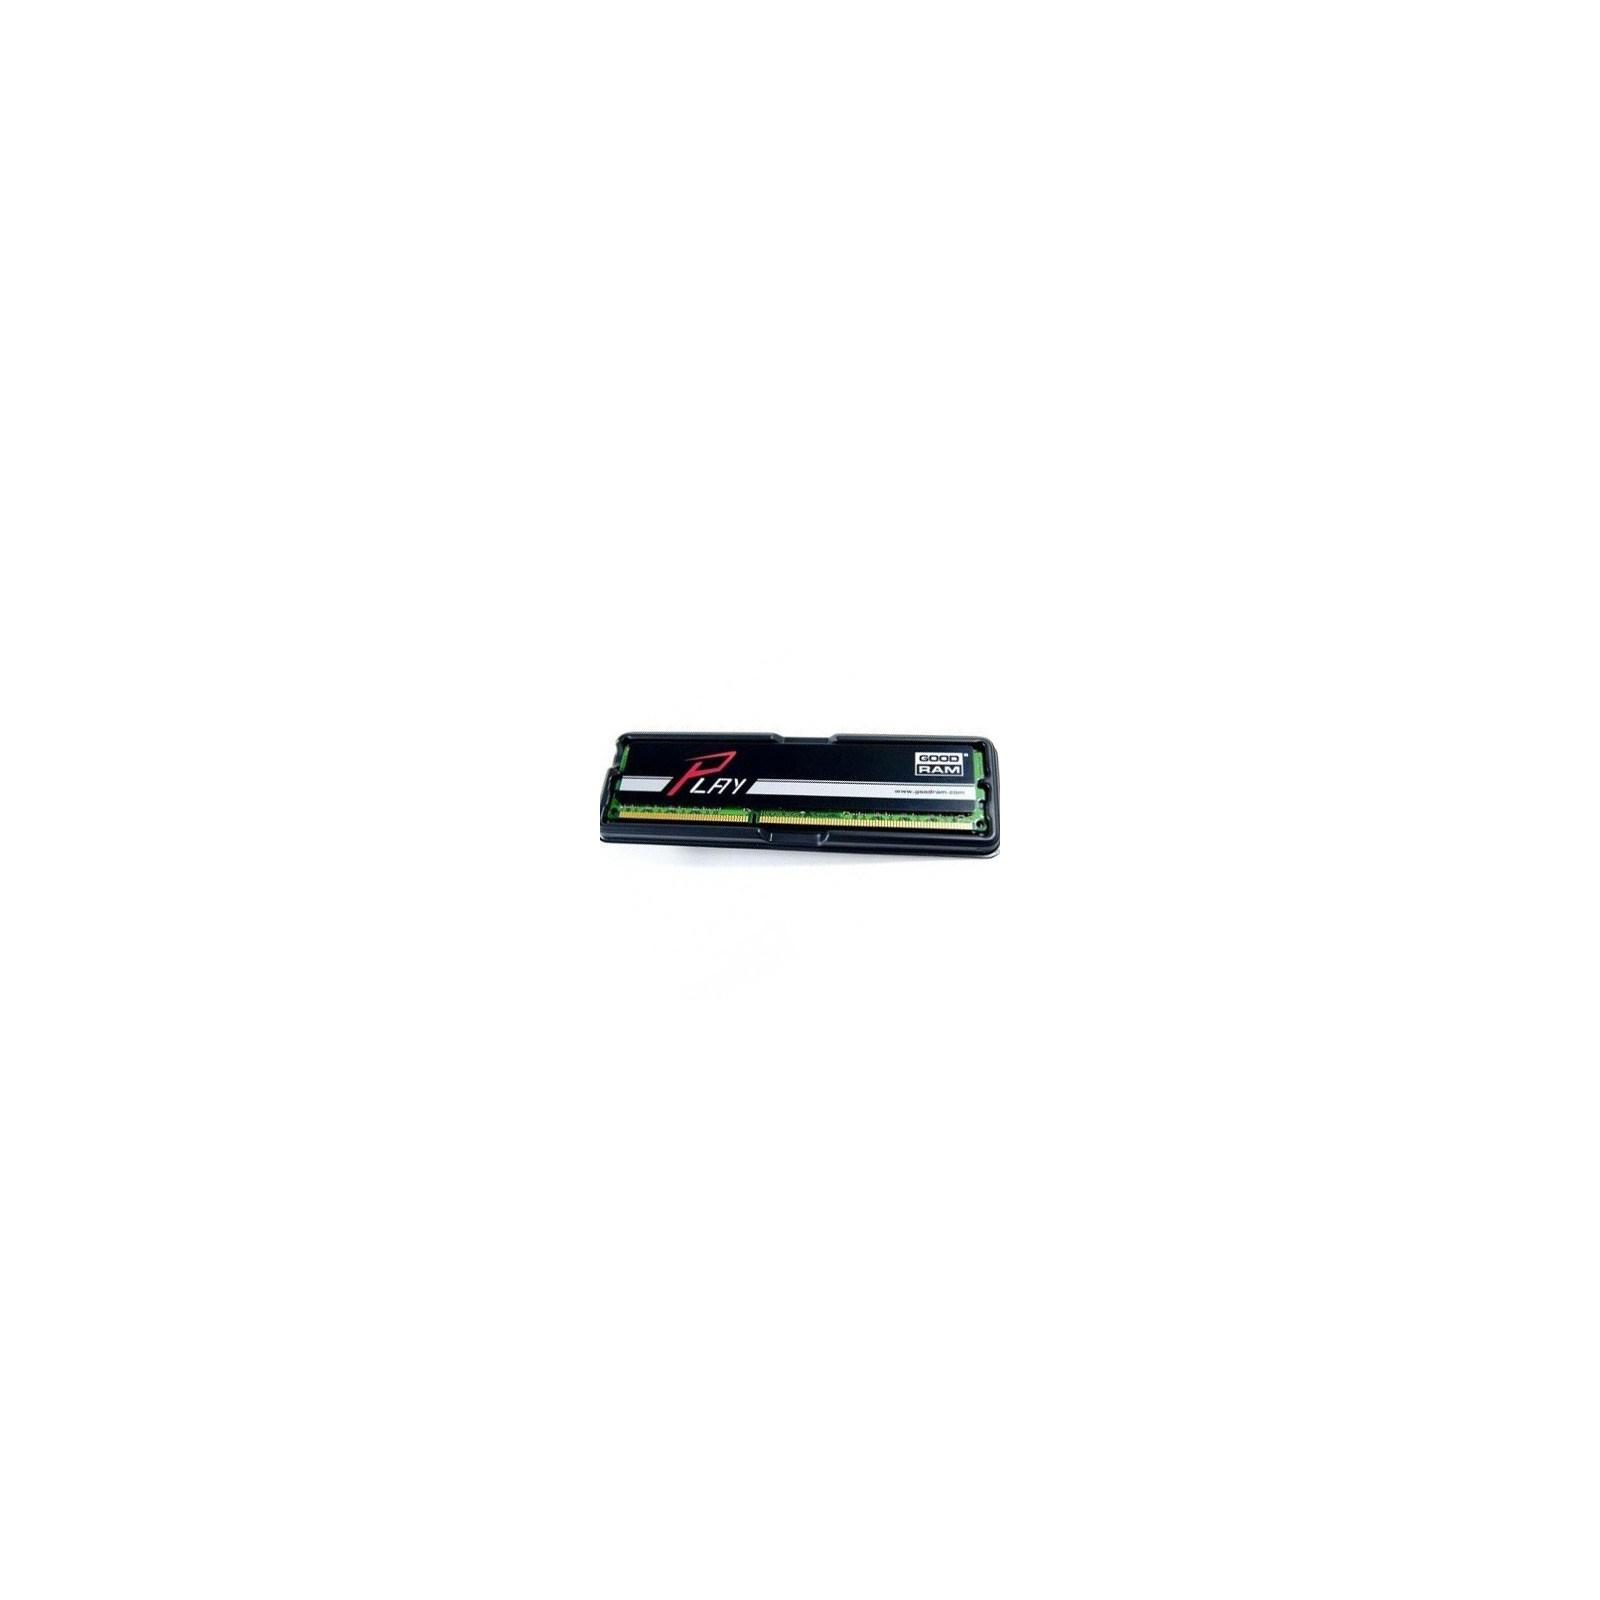 Модуль памяти для компьютера DDR3 2GB 1600 MHz GOODRAM (GY1600D364L9A/2G)